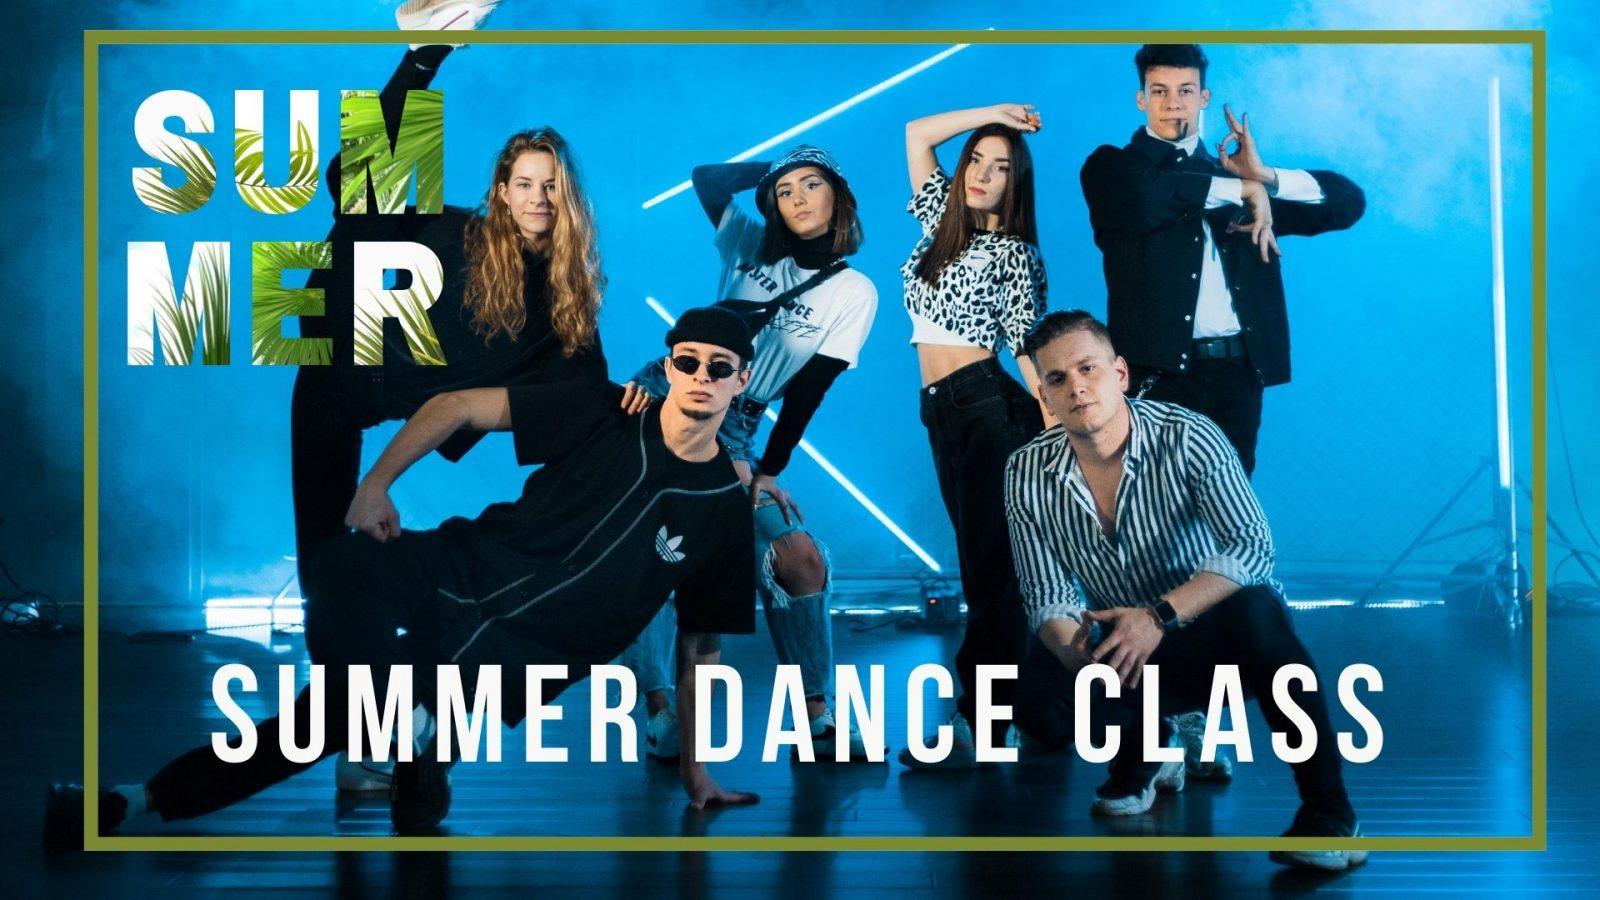 MD táncórák egész nyáron 🌸👟